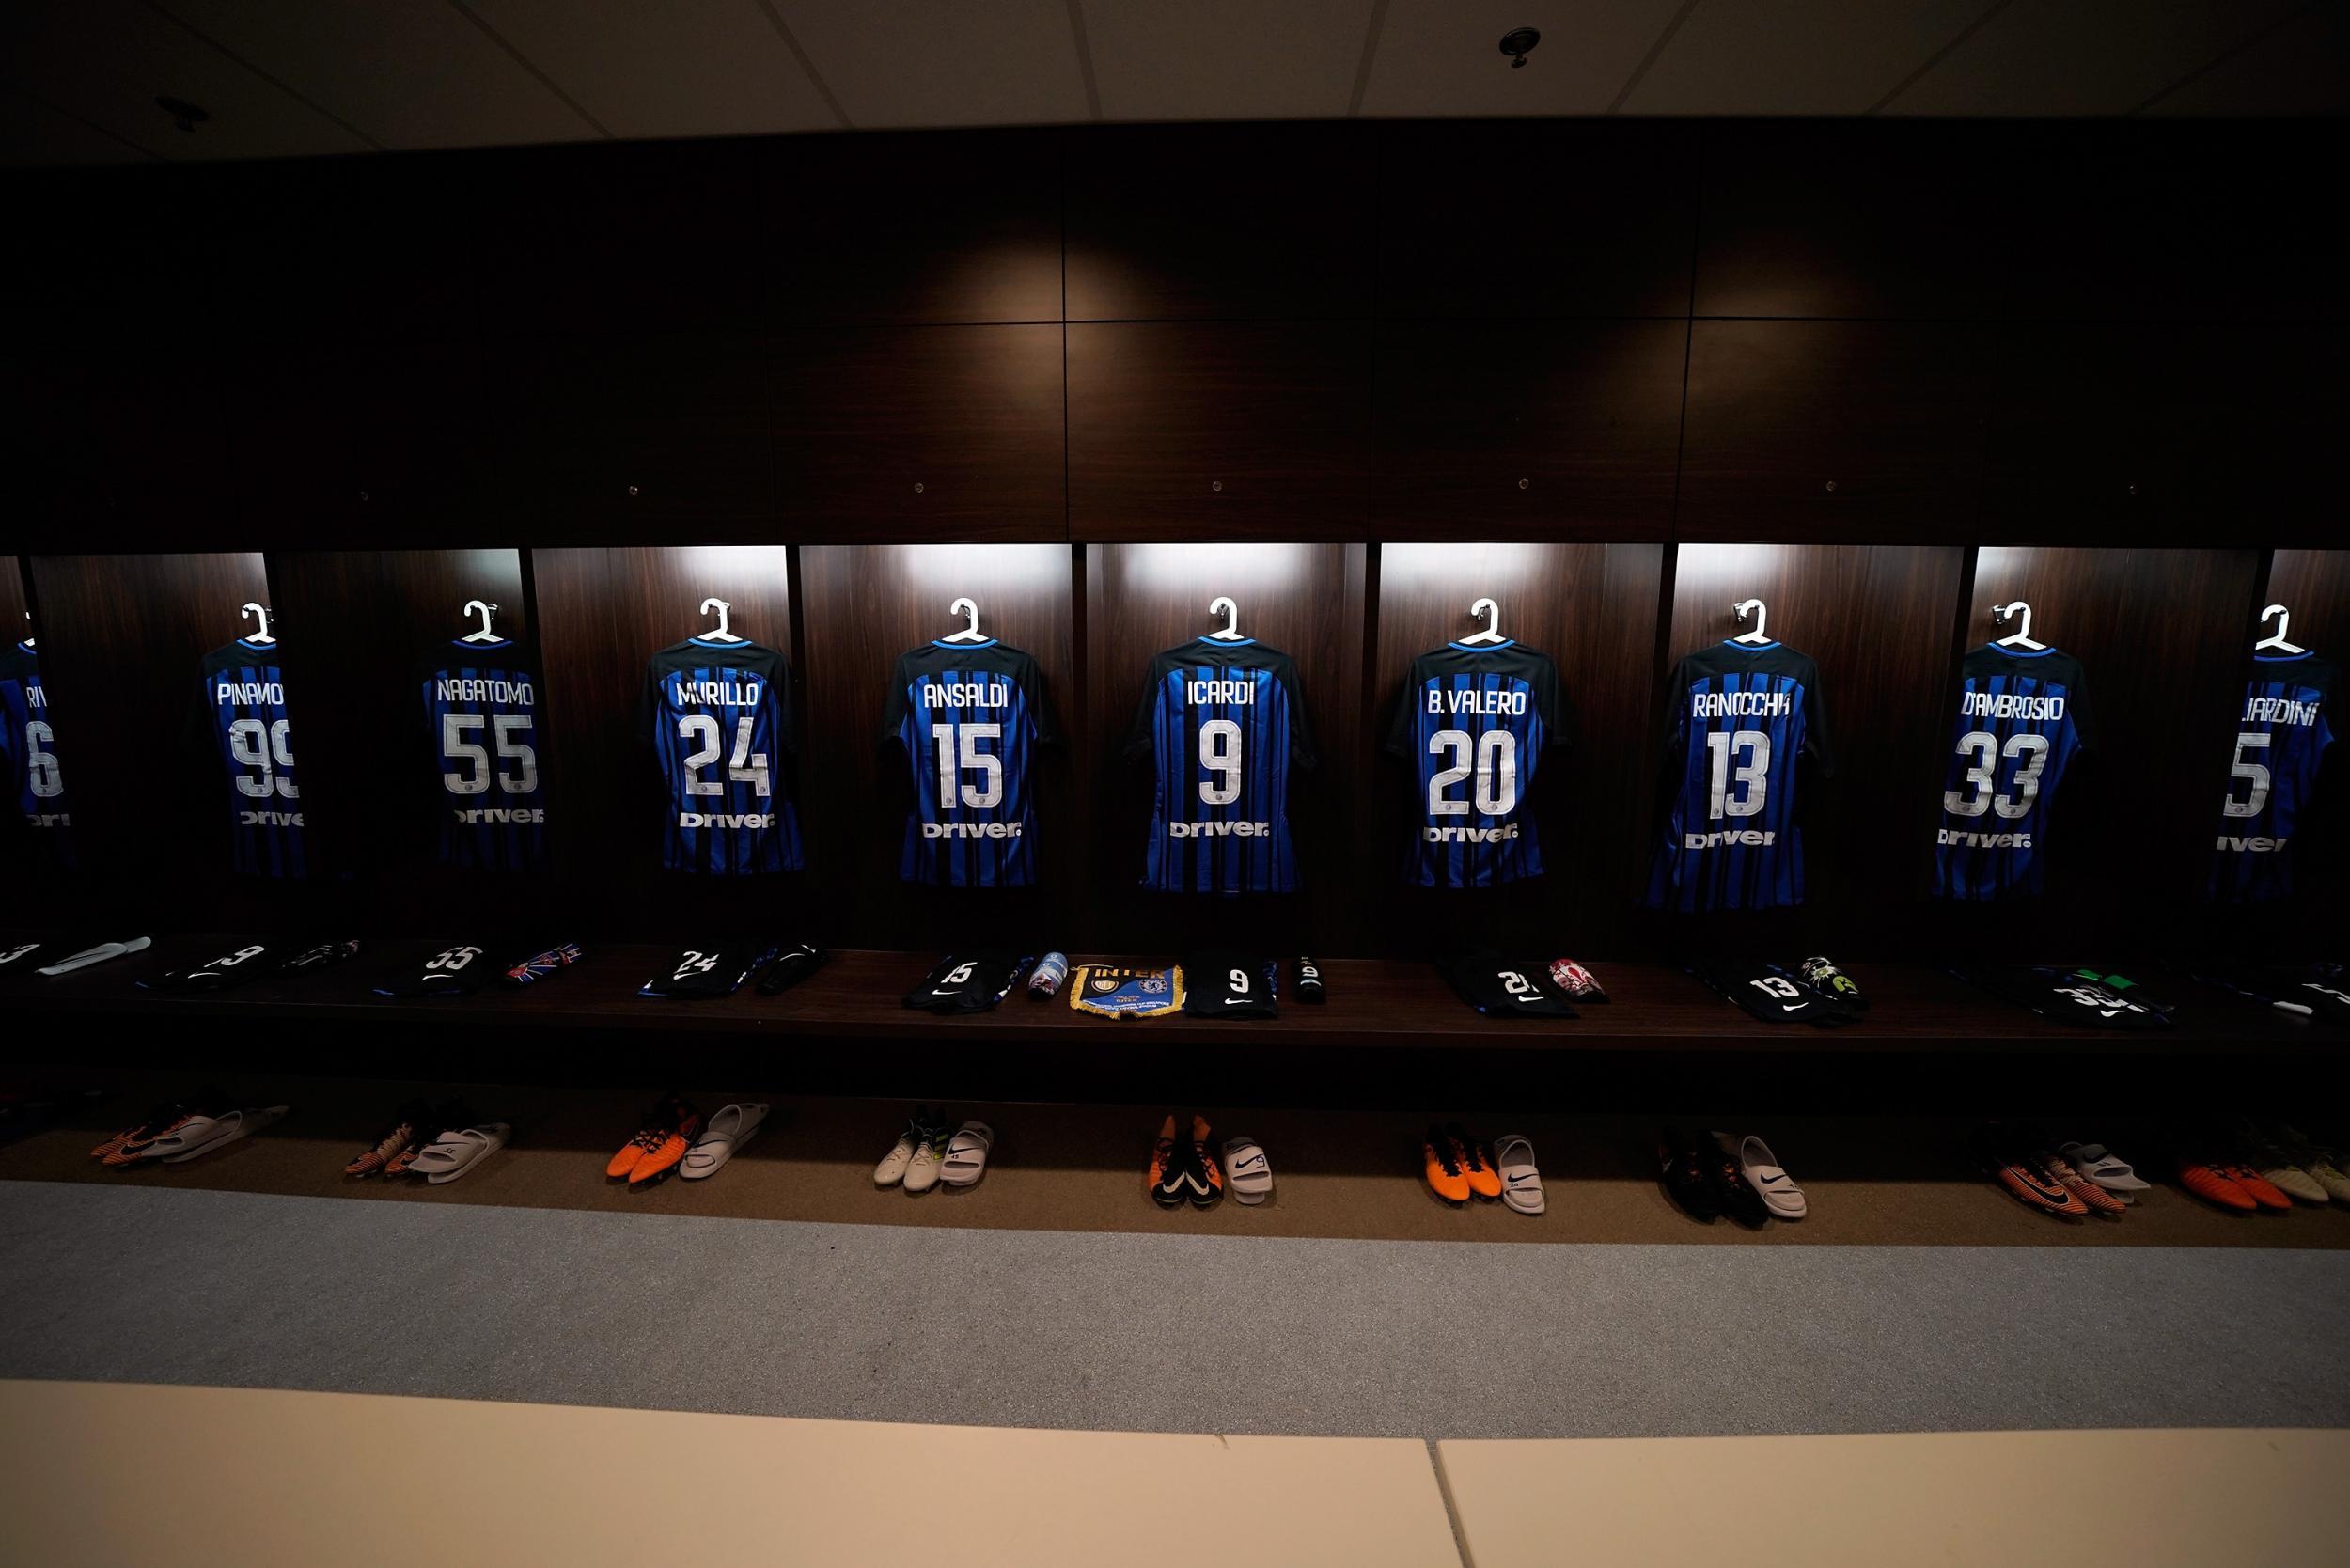 20. Inter Milan